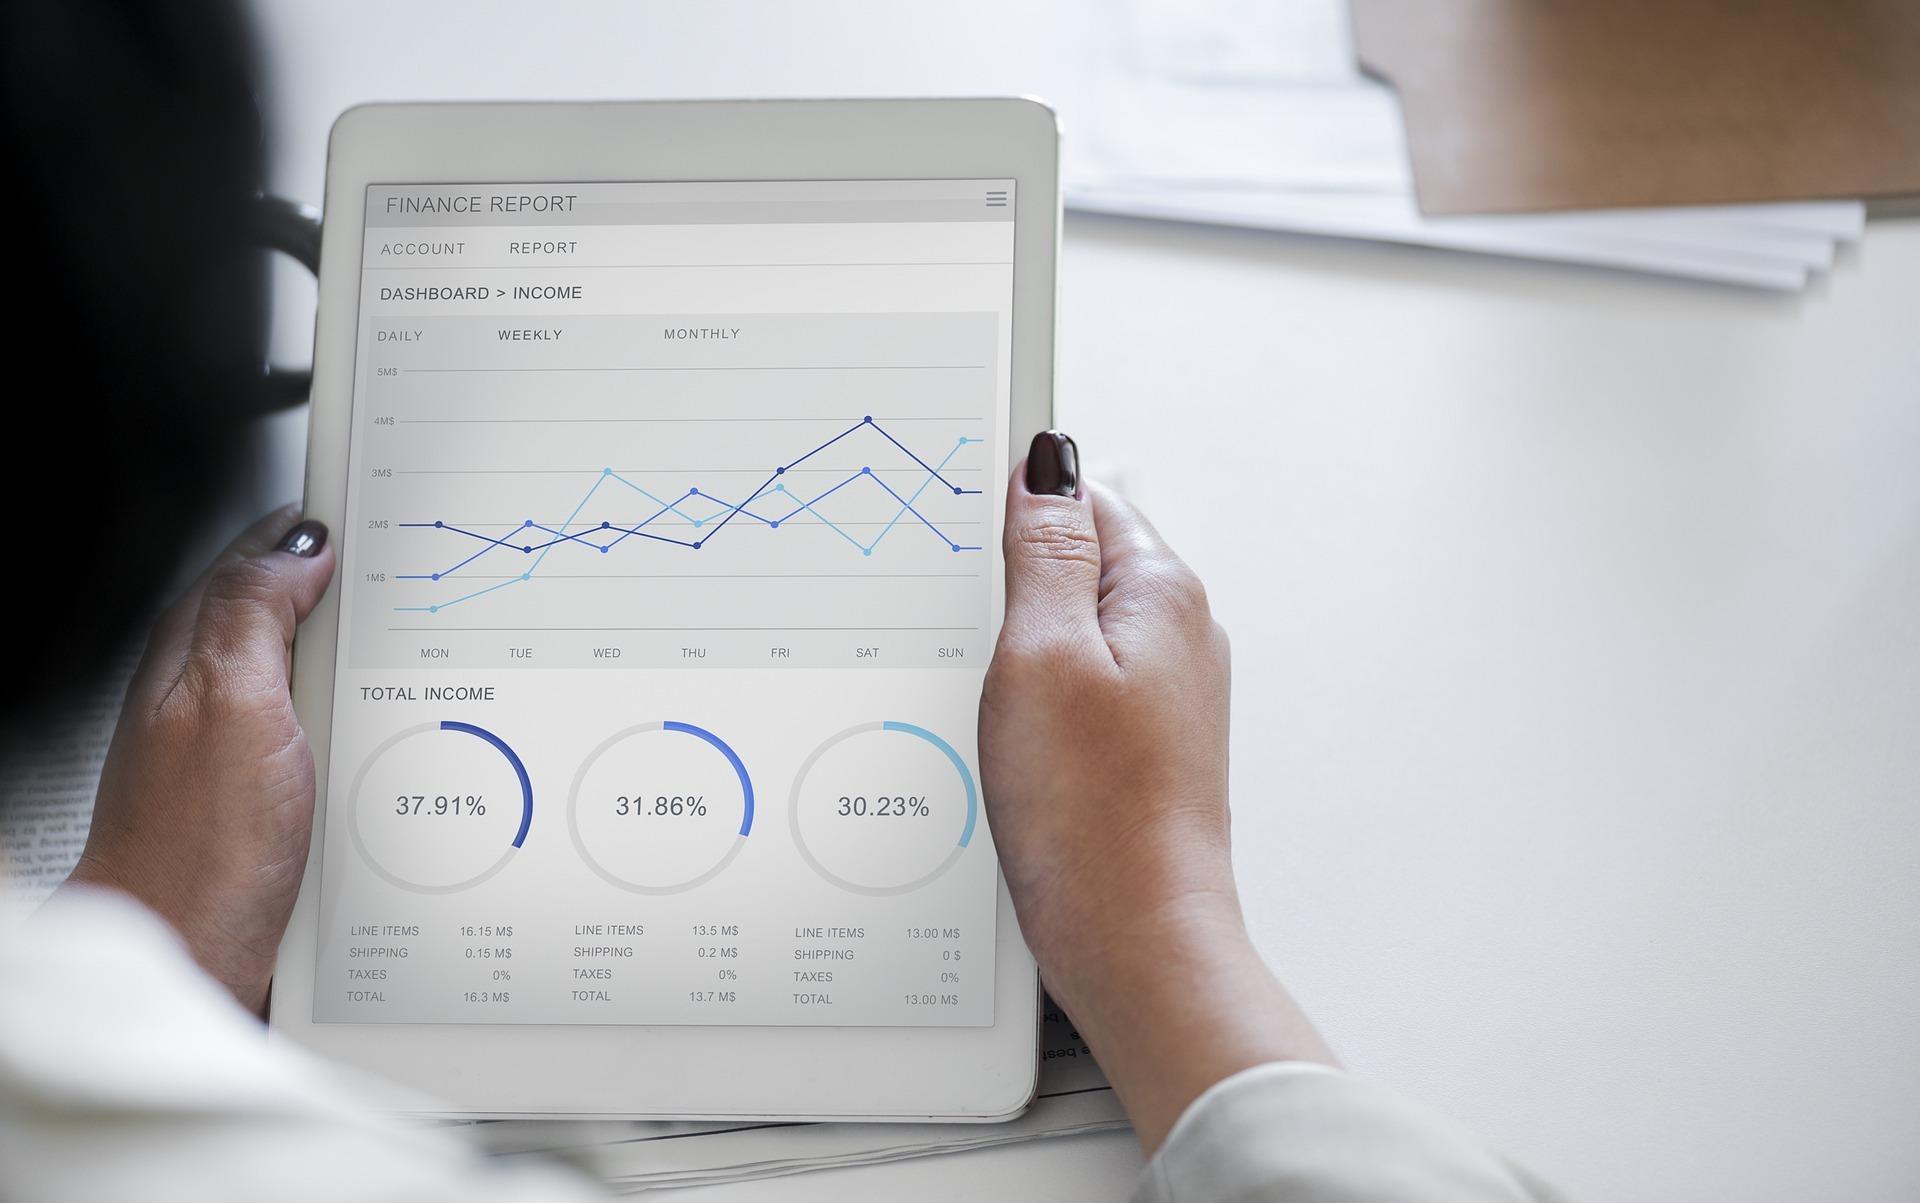 掌握大量客戶數據,你要買什麼 亞馬遜比你更清楚